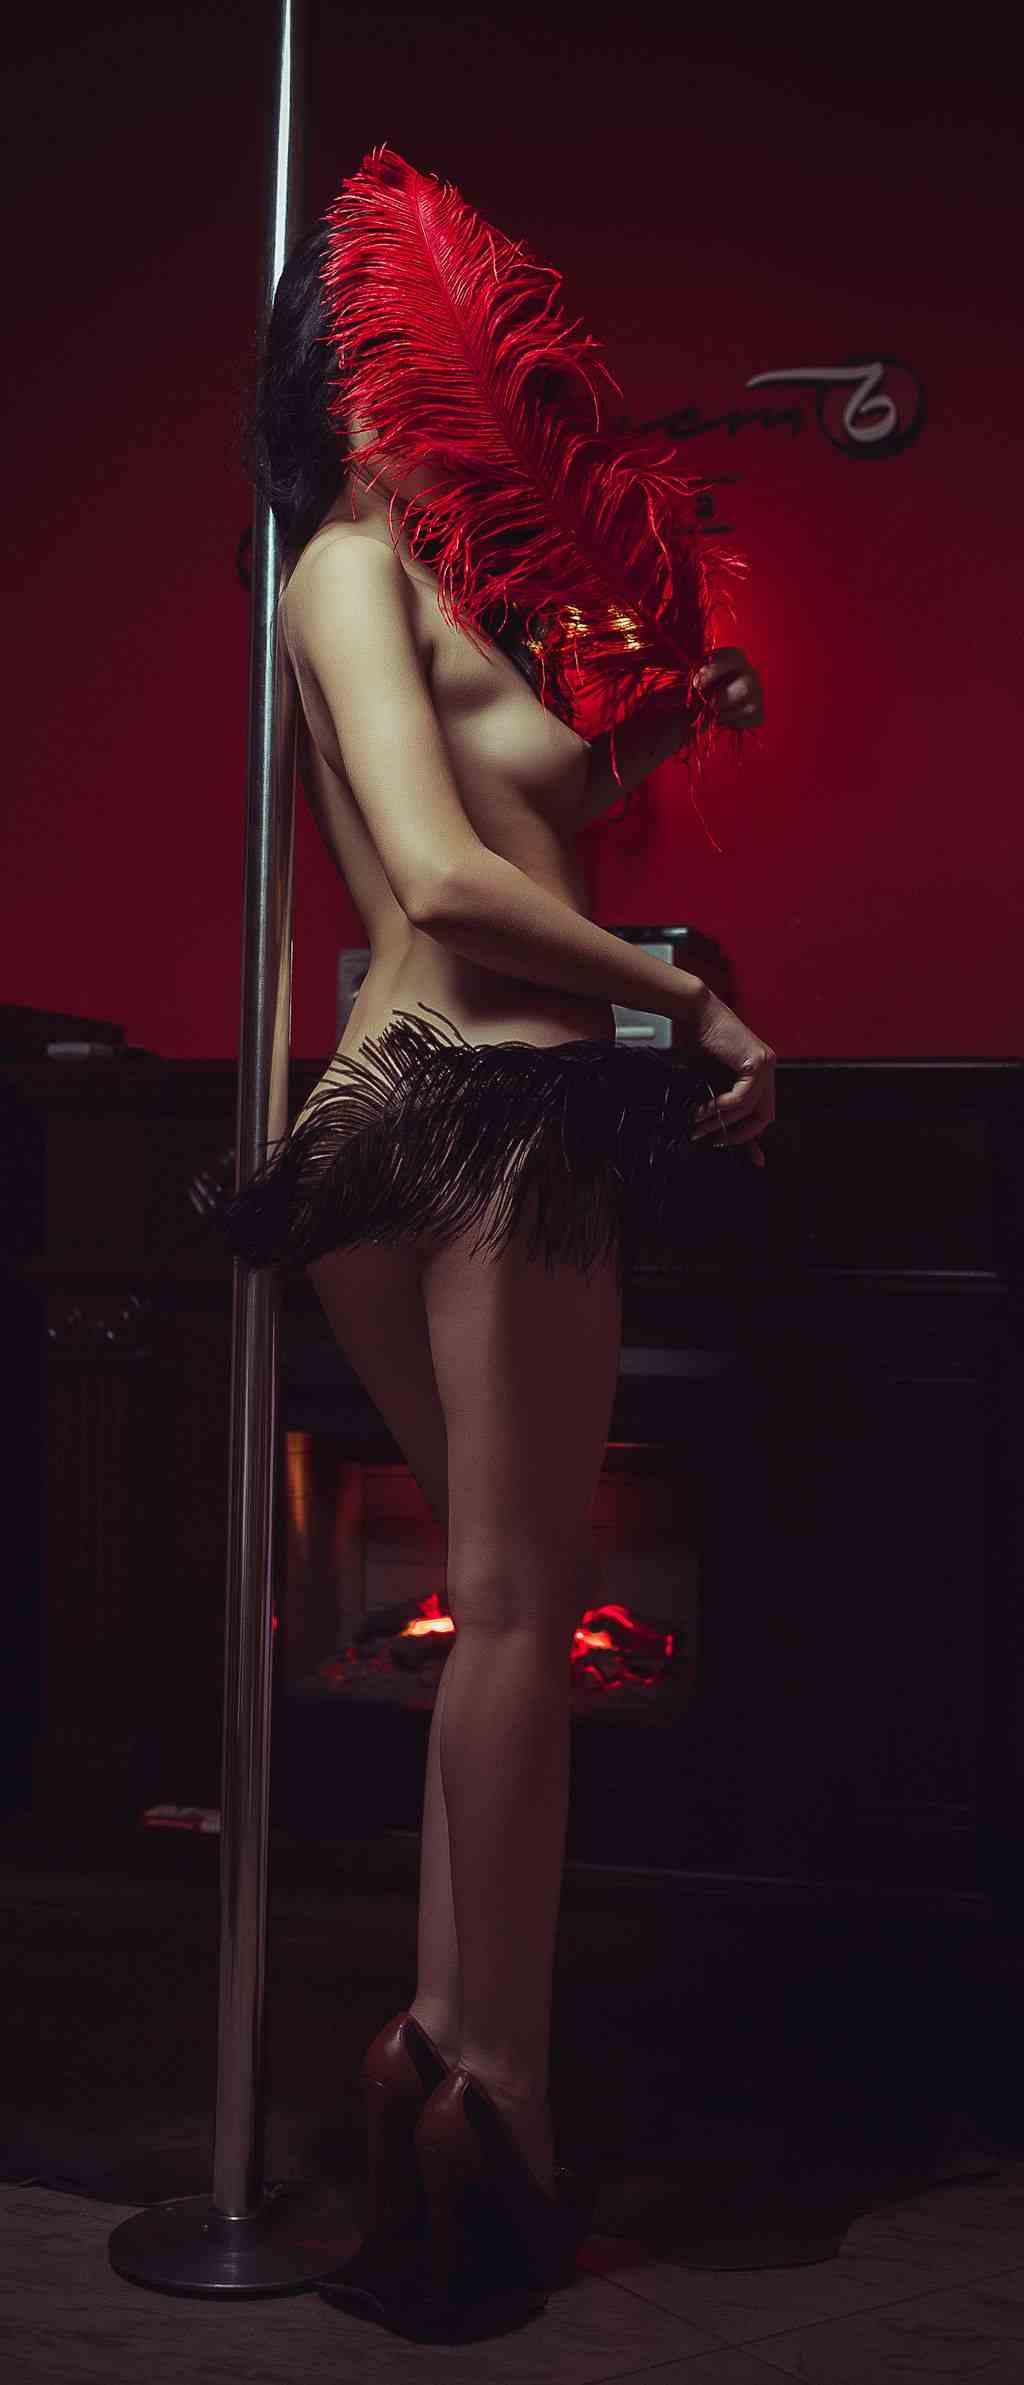 salon-eroticheskogo-massazha-malvina